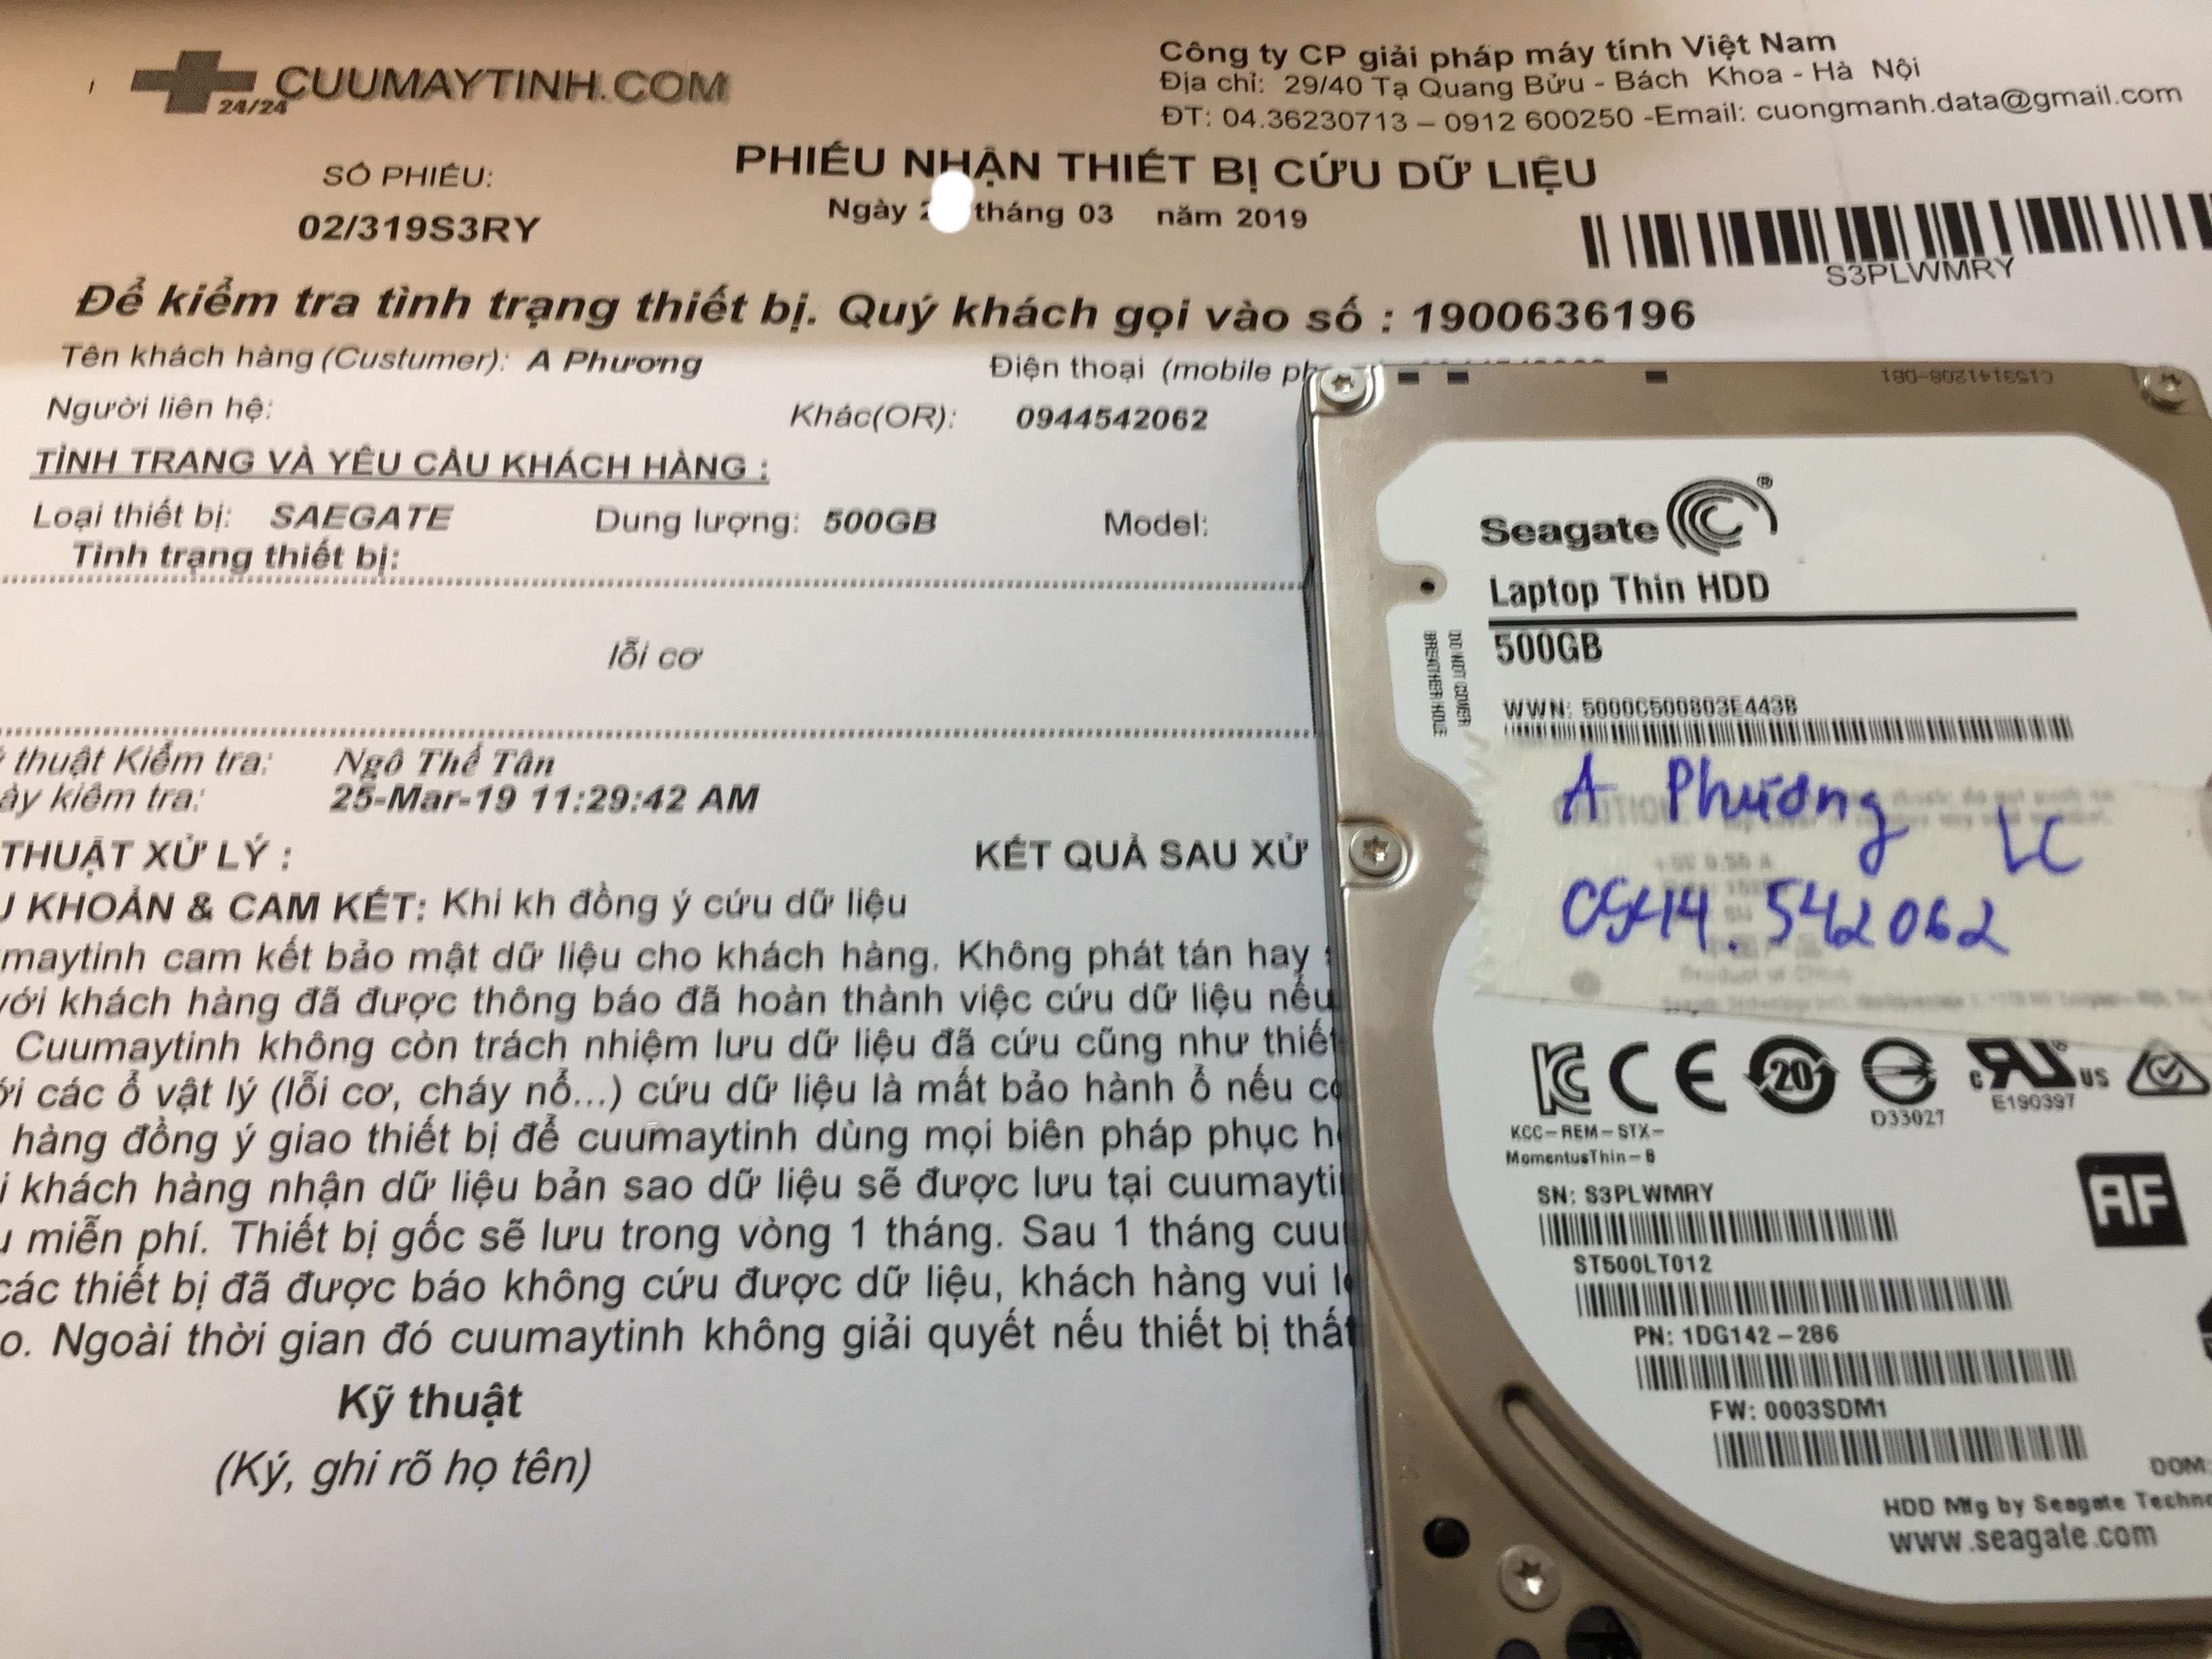 Khôi phục dữ liệu ổ cứng Seagate 500GB lỗi cơ 28/03/2019 - cuumaytinh